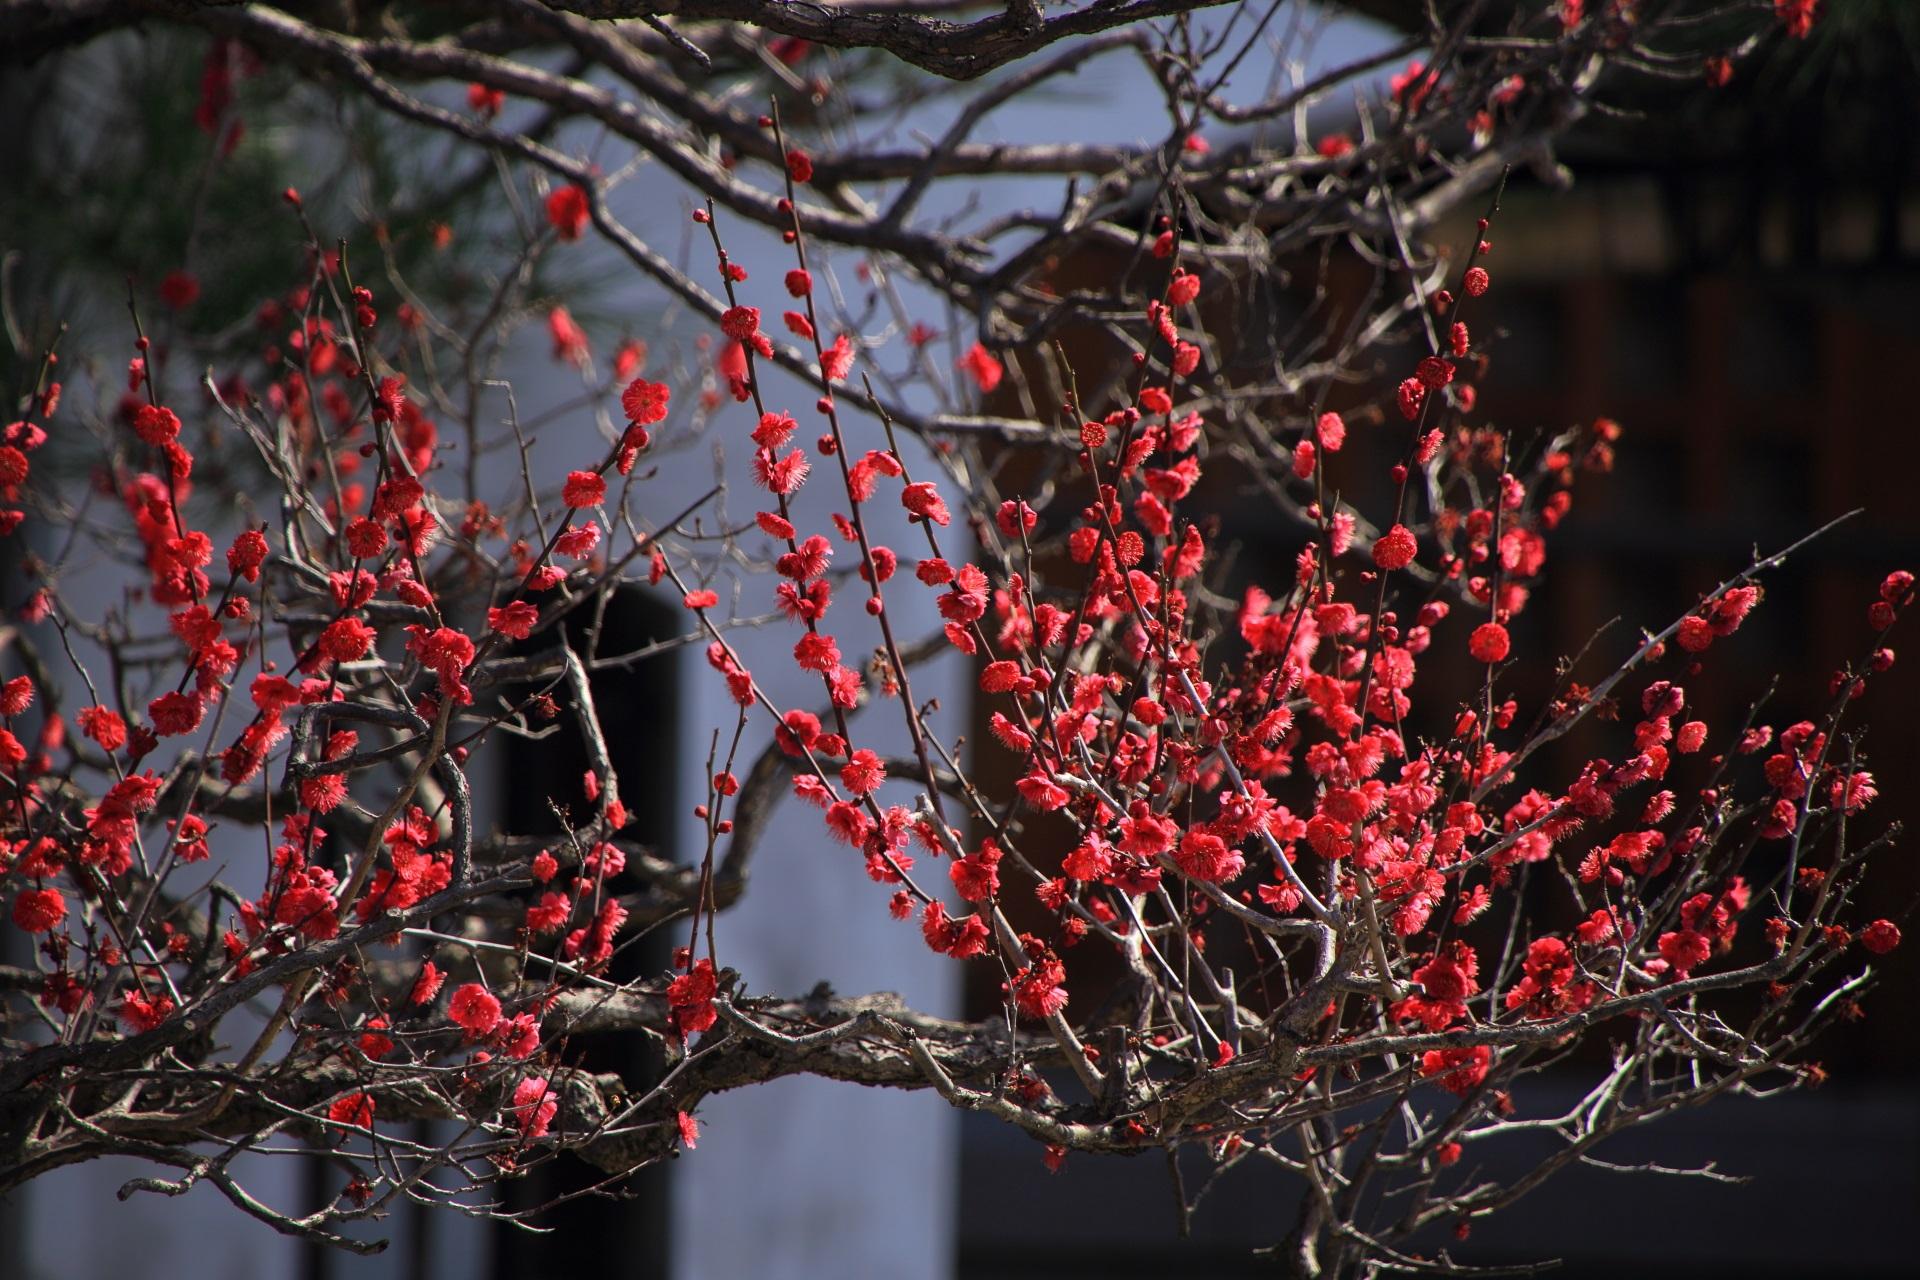 芸術的な造りの梅の枝と花